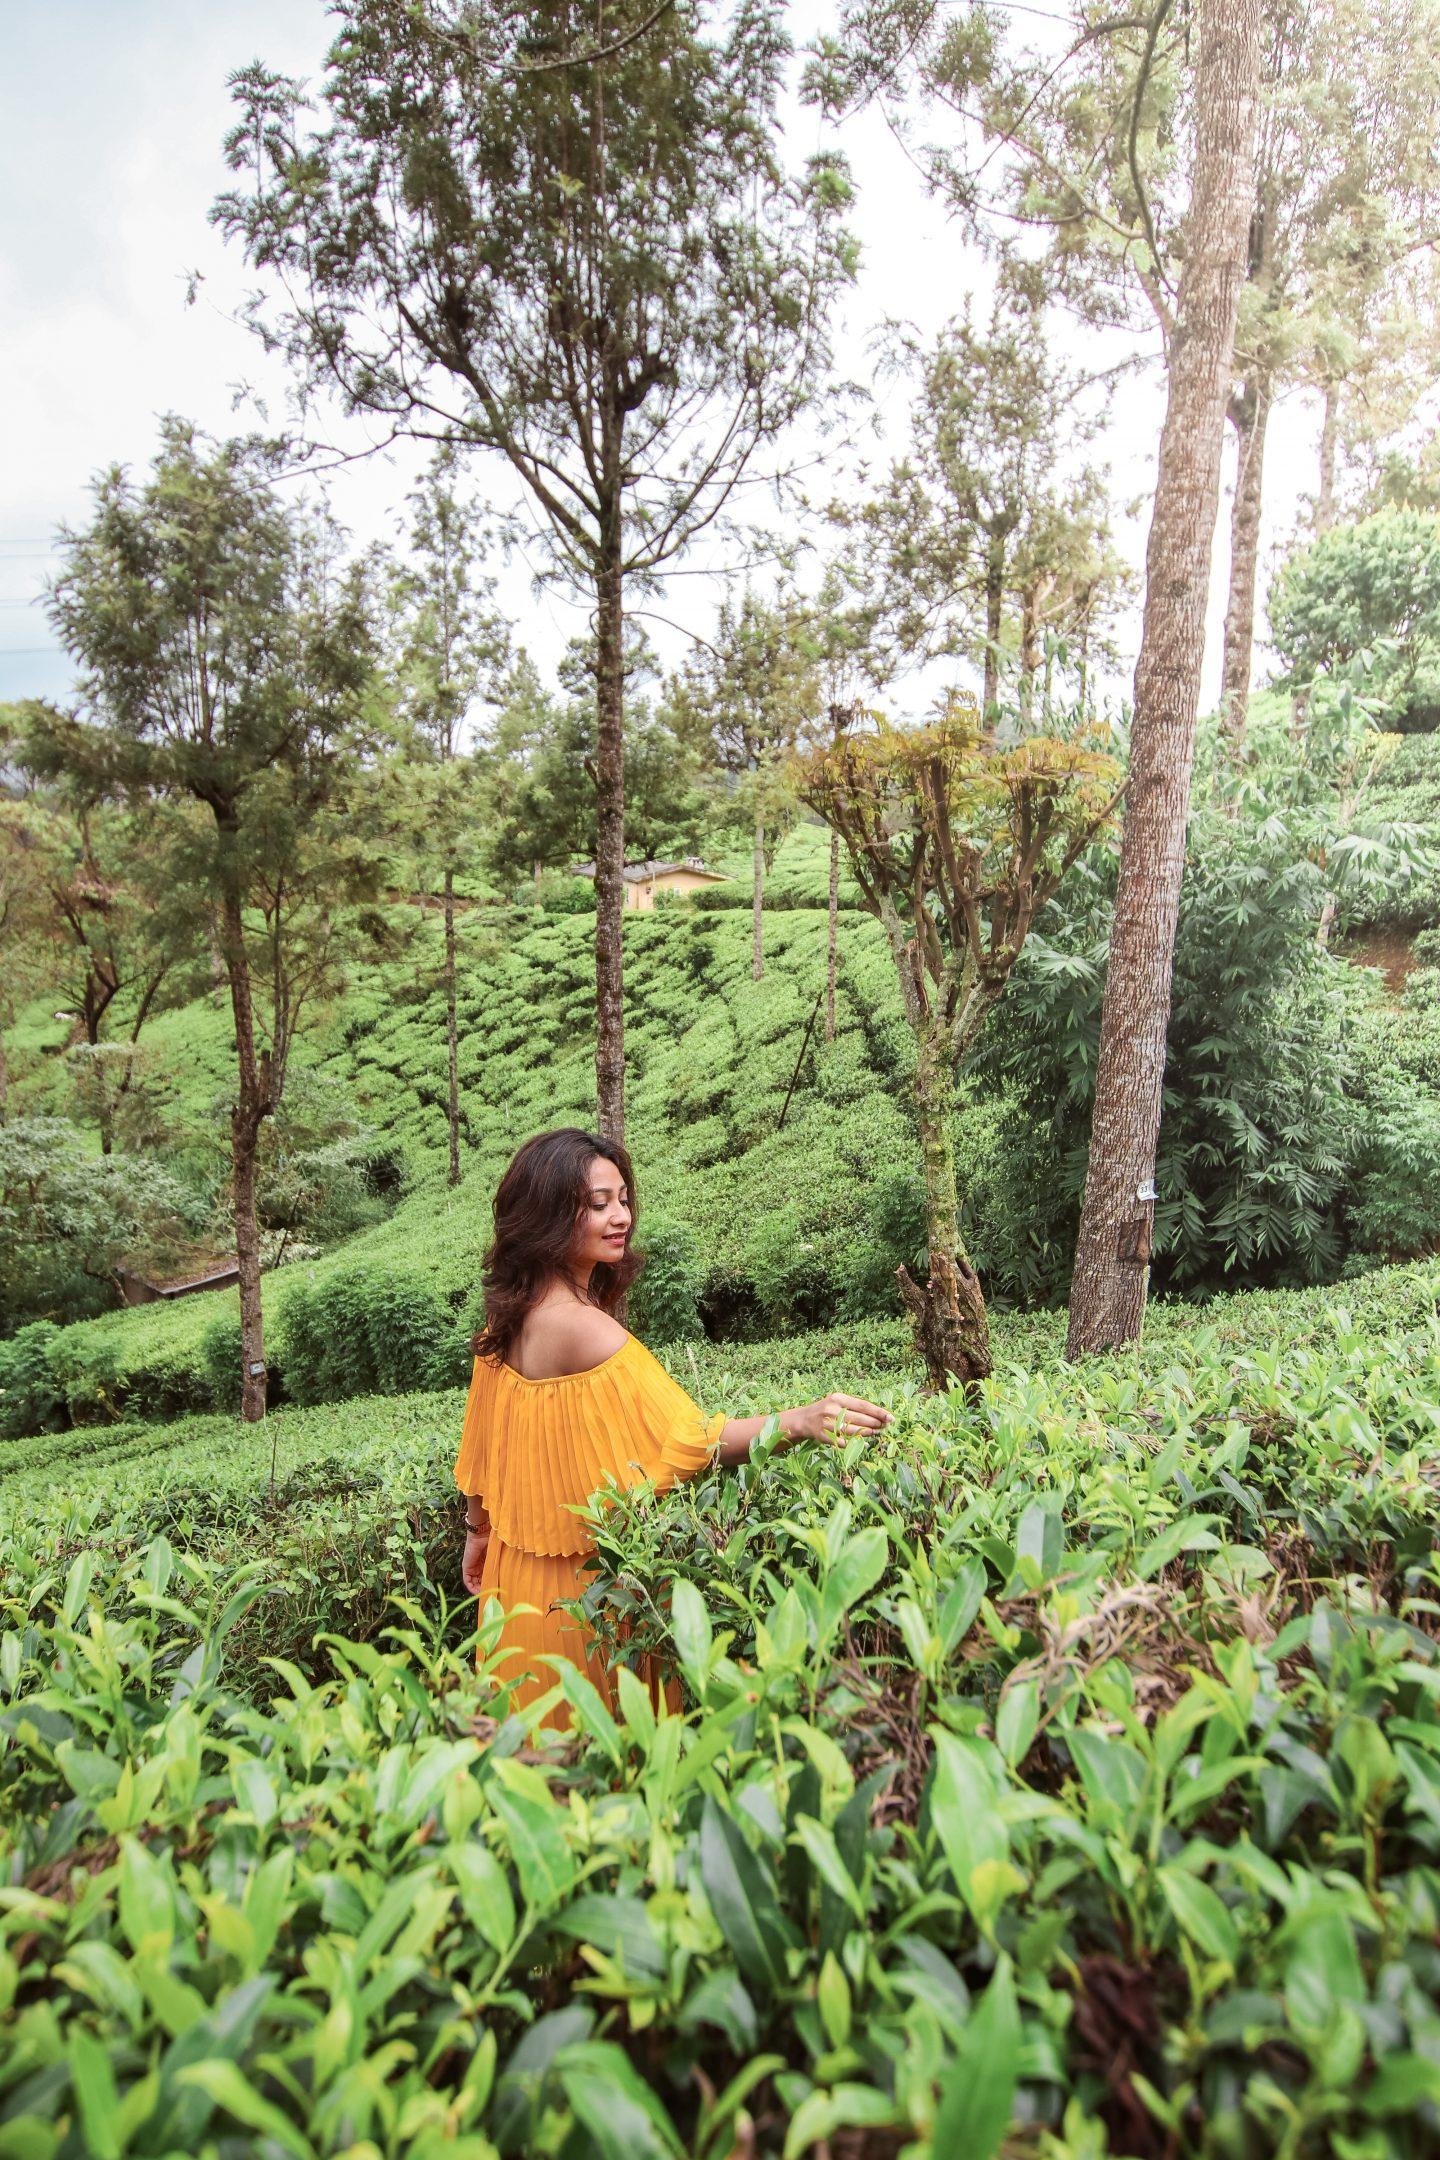 Plucking tea at Nuwara Eliya in Sri Lanka